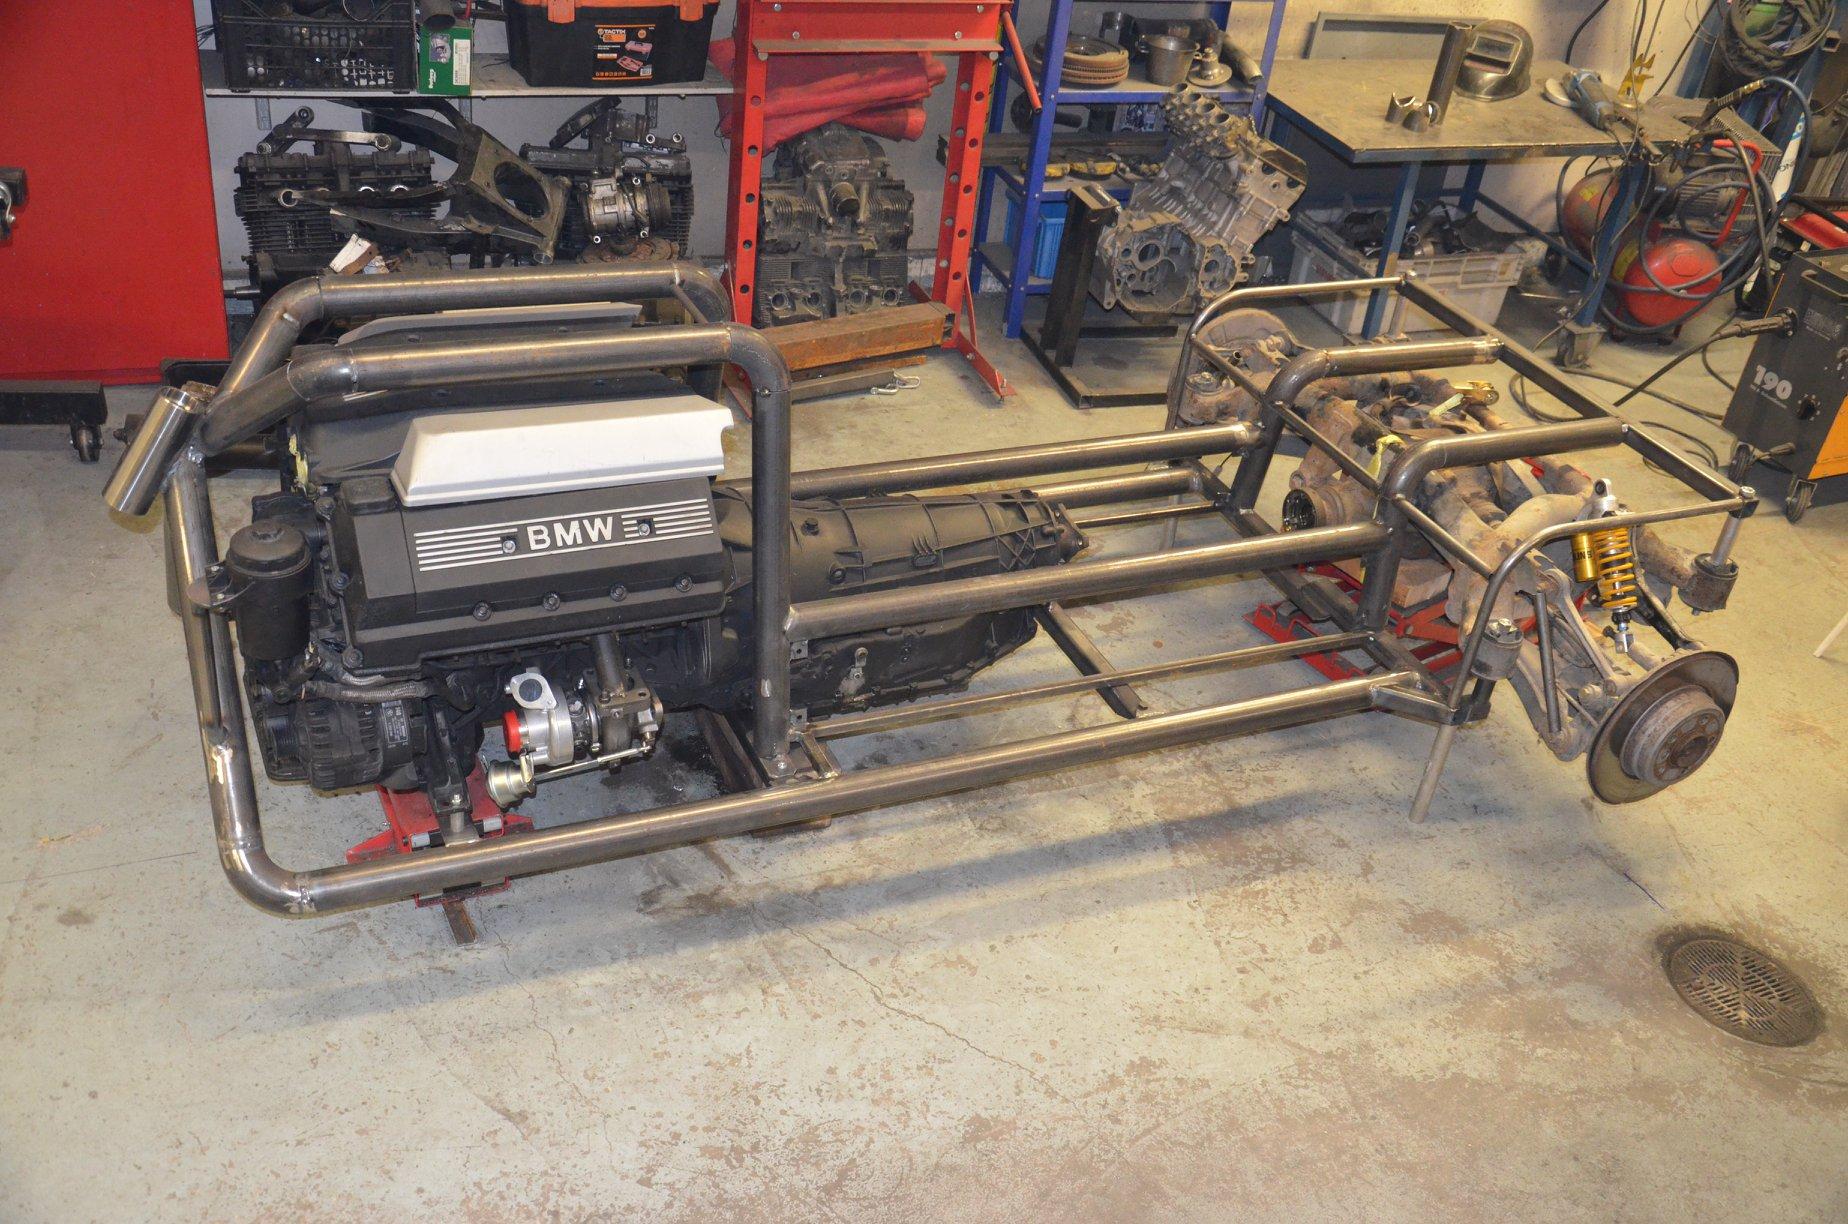 Custom Trike With A Twin Turbo Bmw V8 Engine Swap Depot